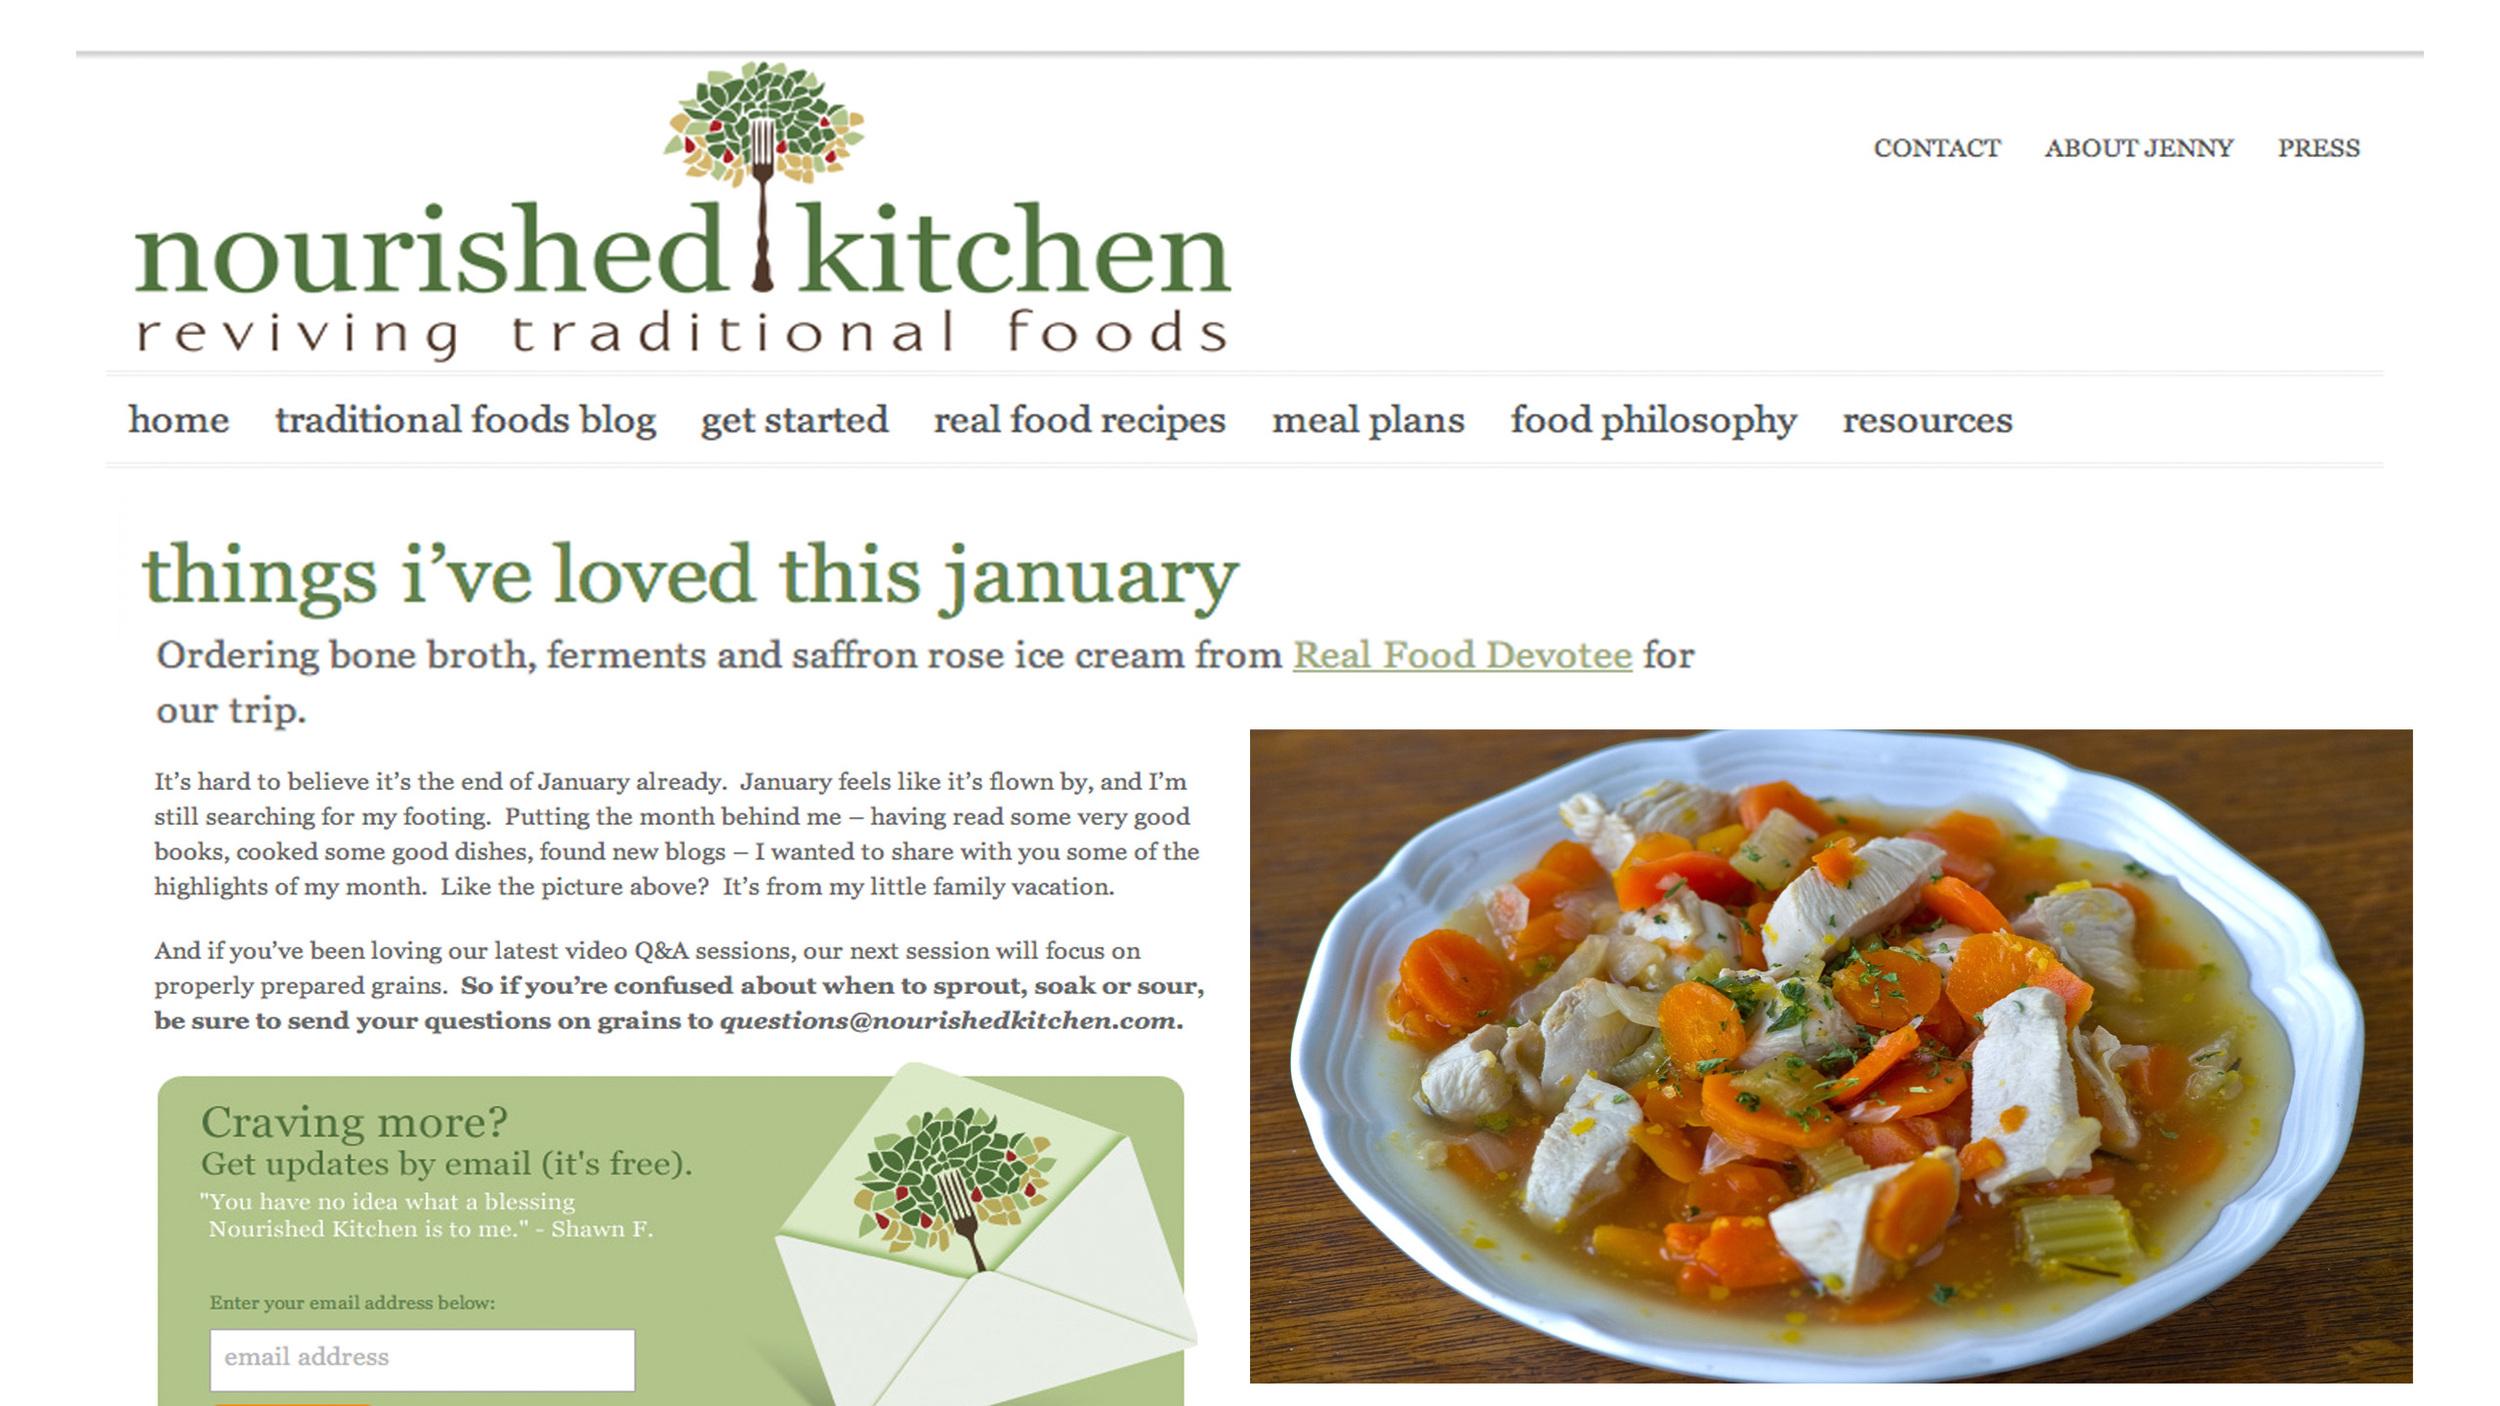 02 Nourished KitchenRFD-001.jpg